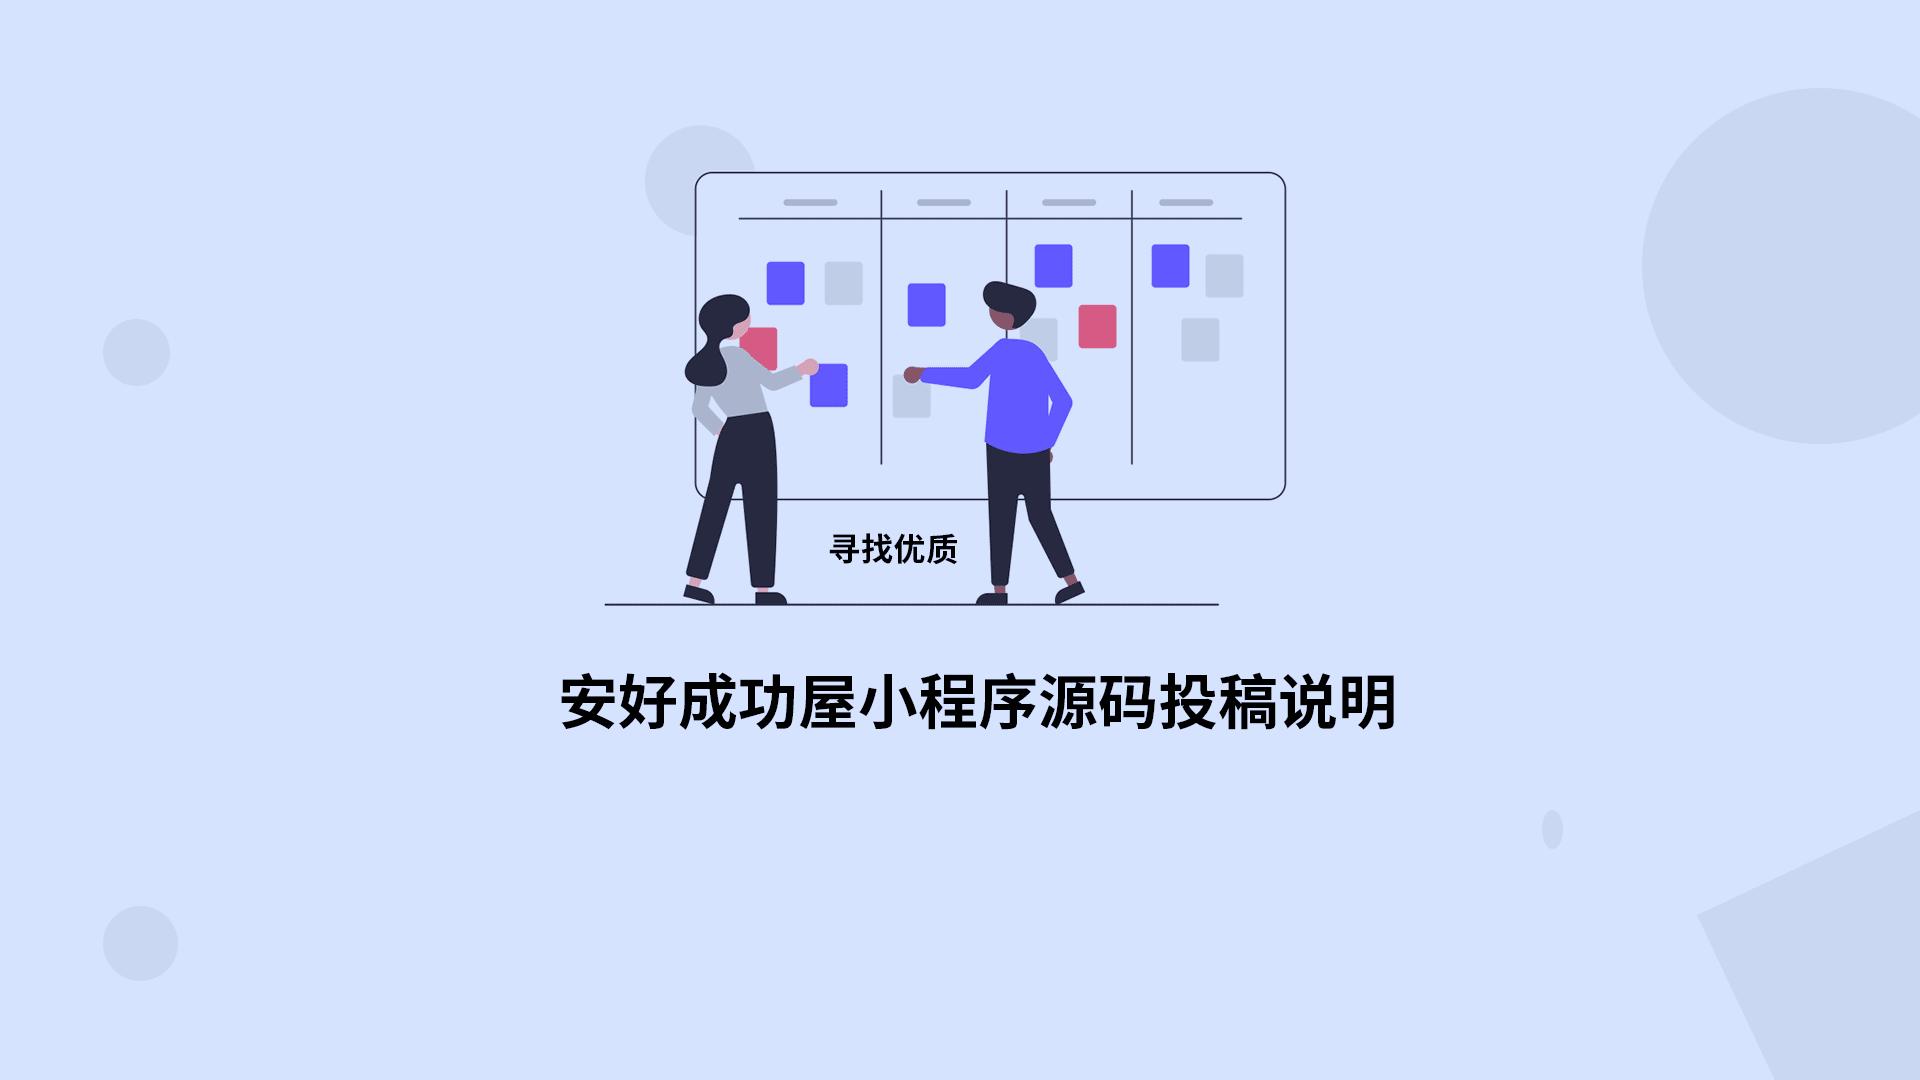 安好成功屋小程序源码投稿说明